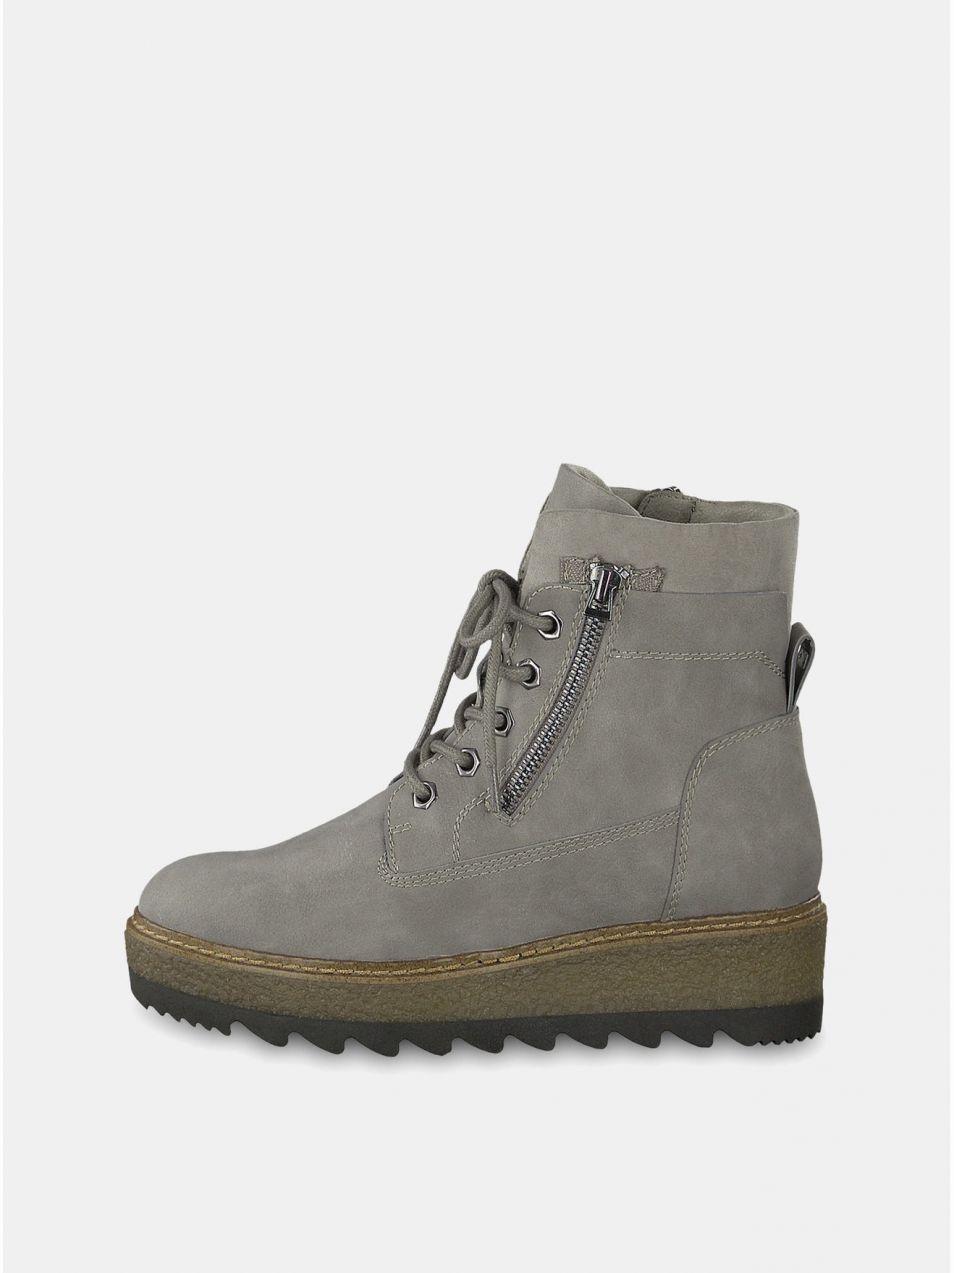 Sivé členkové topánky na podpätku Tamaris značky Tamaris - Lovely.sk ddab73f2f2d